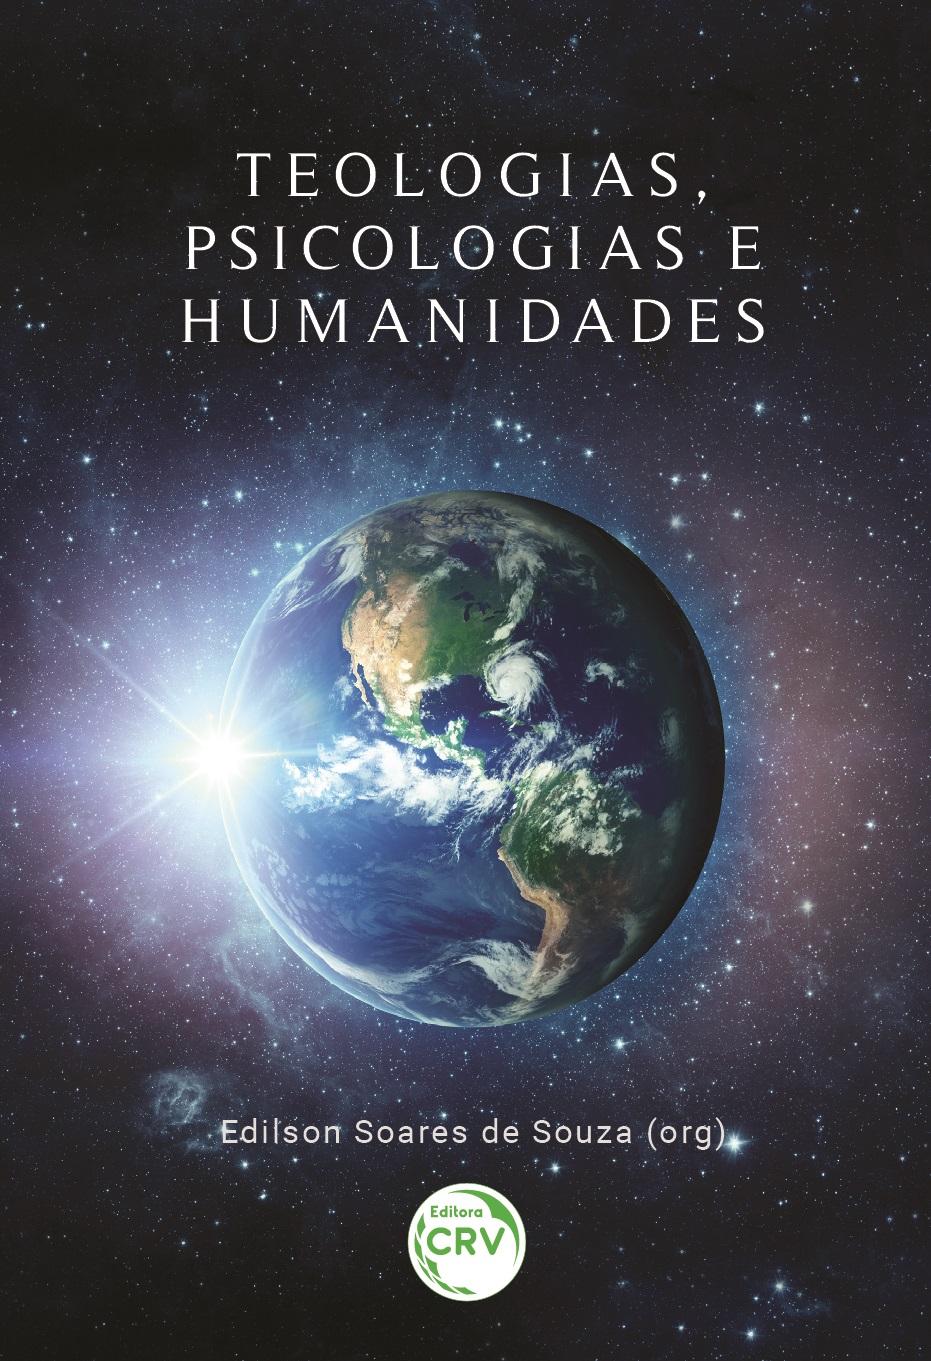 Capa do livro: TEOLOGIAS, PSICOLOGIAS E HUMANIDADES